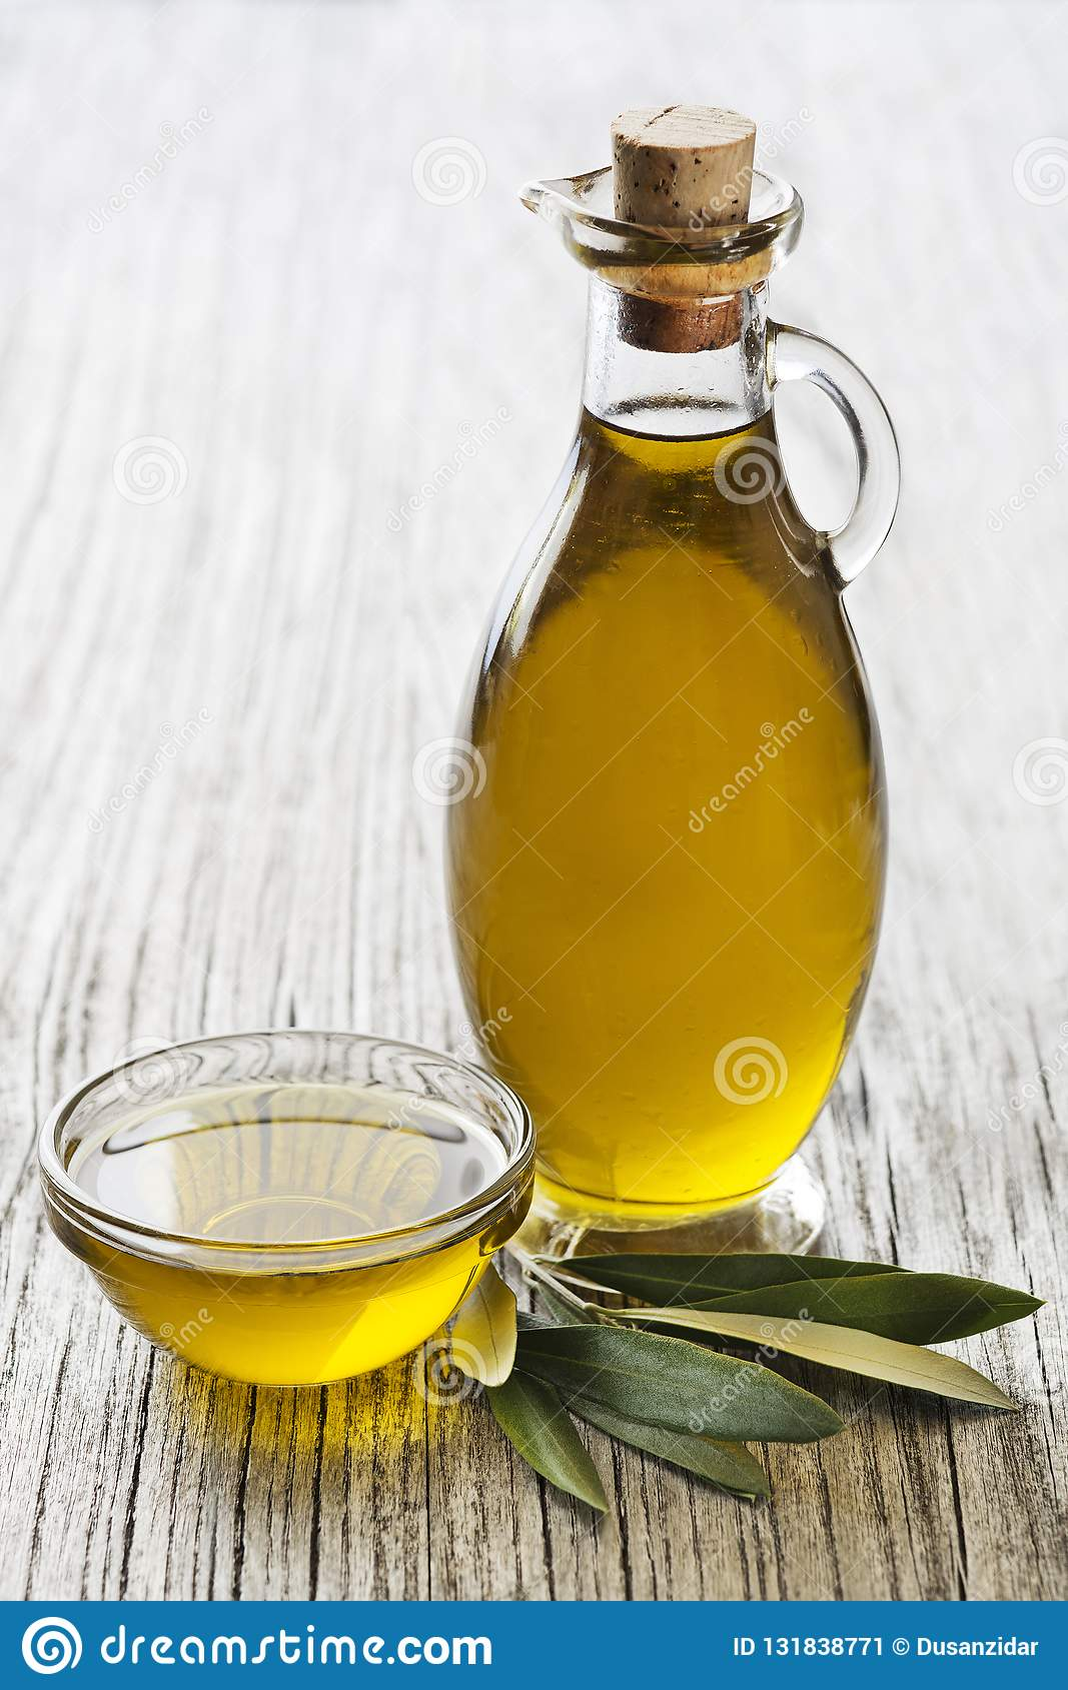 Bakgrund för olivoljaflaska